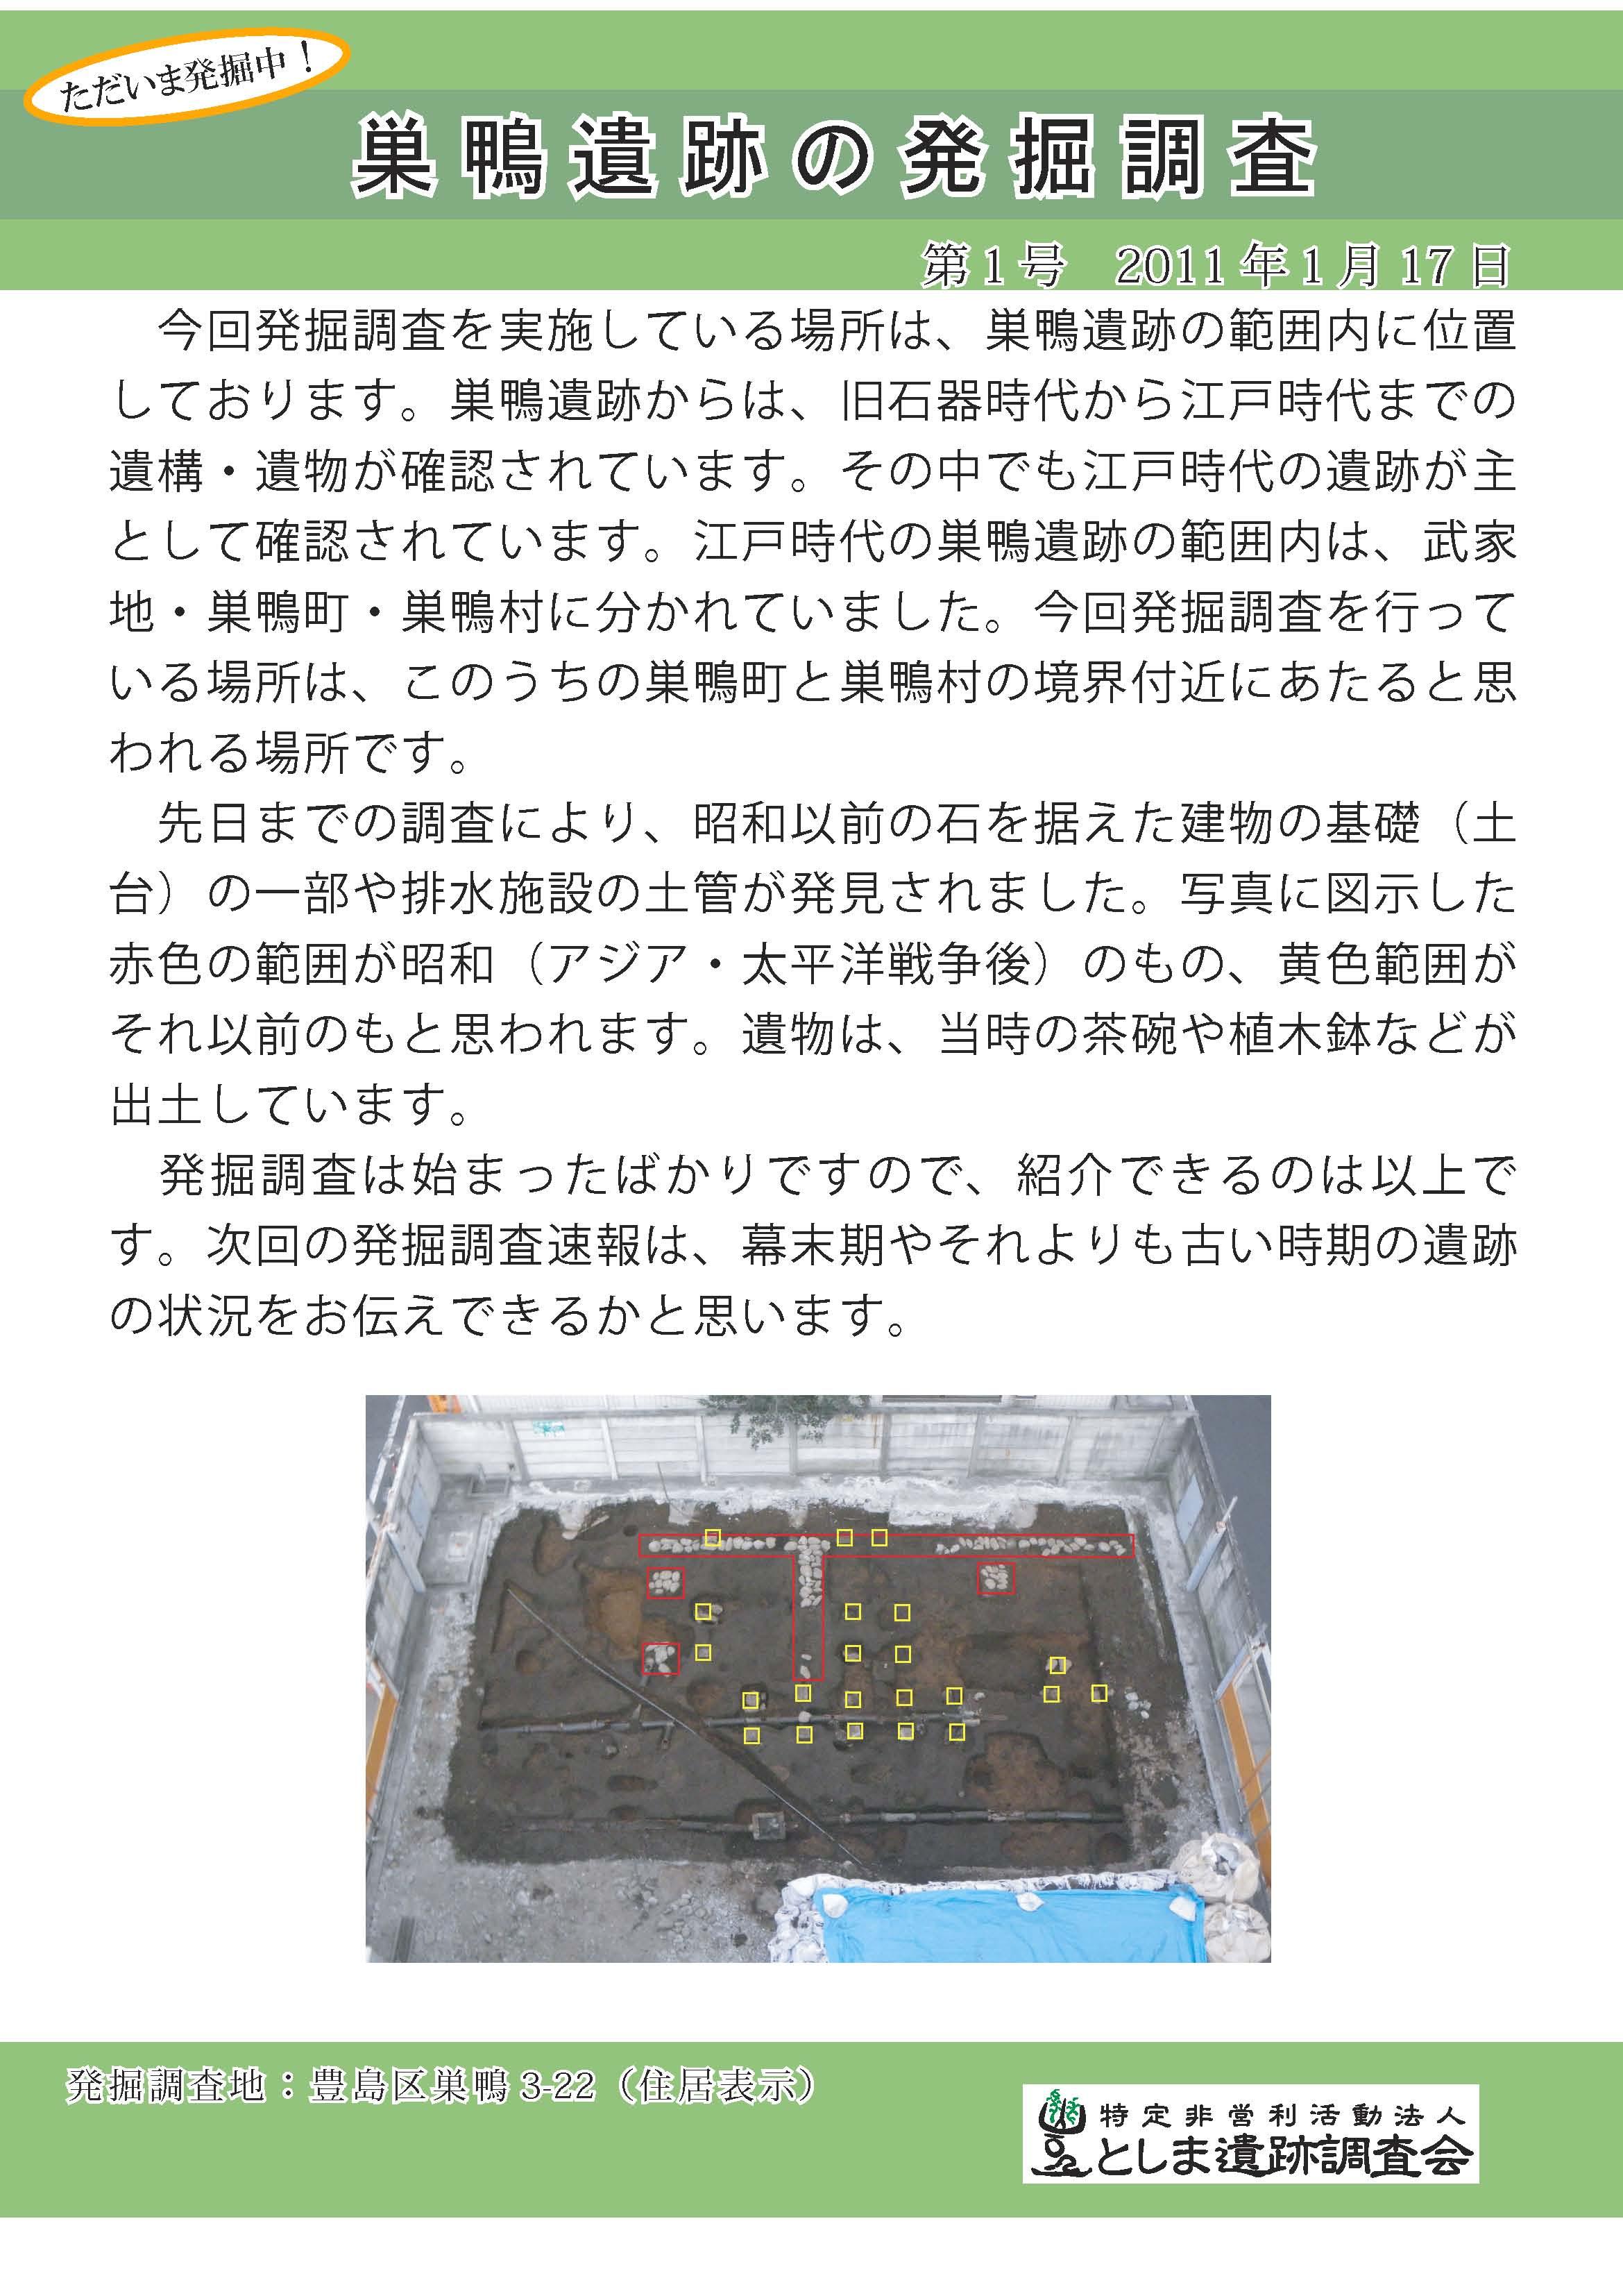 sugamo-sokuho20110101